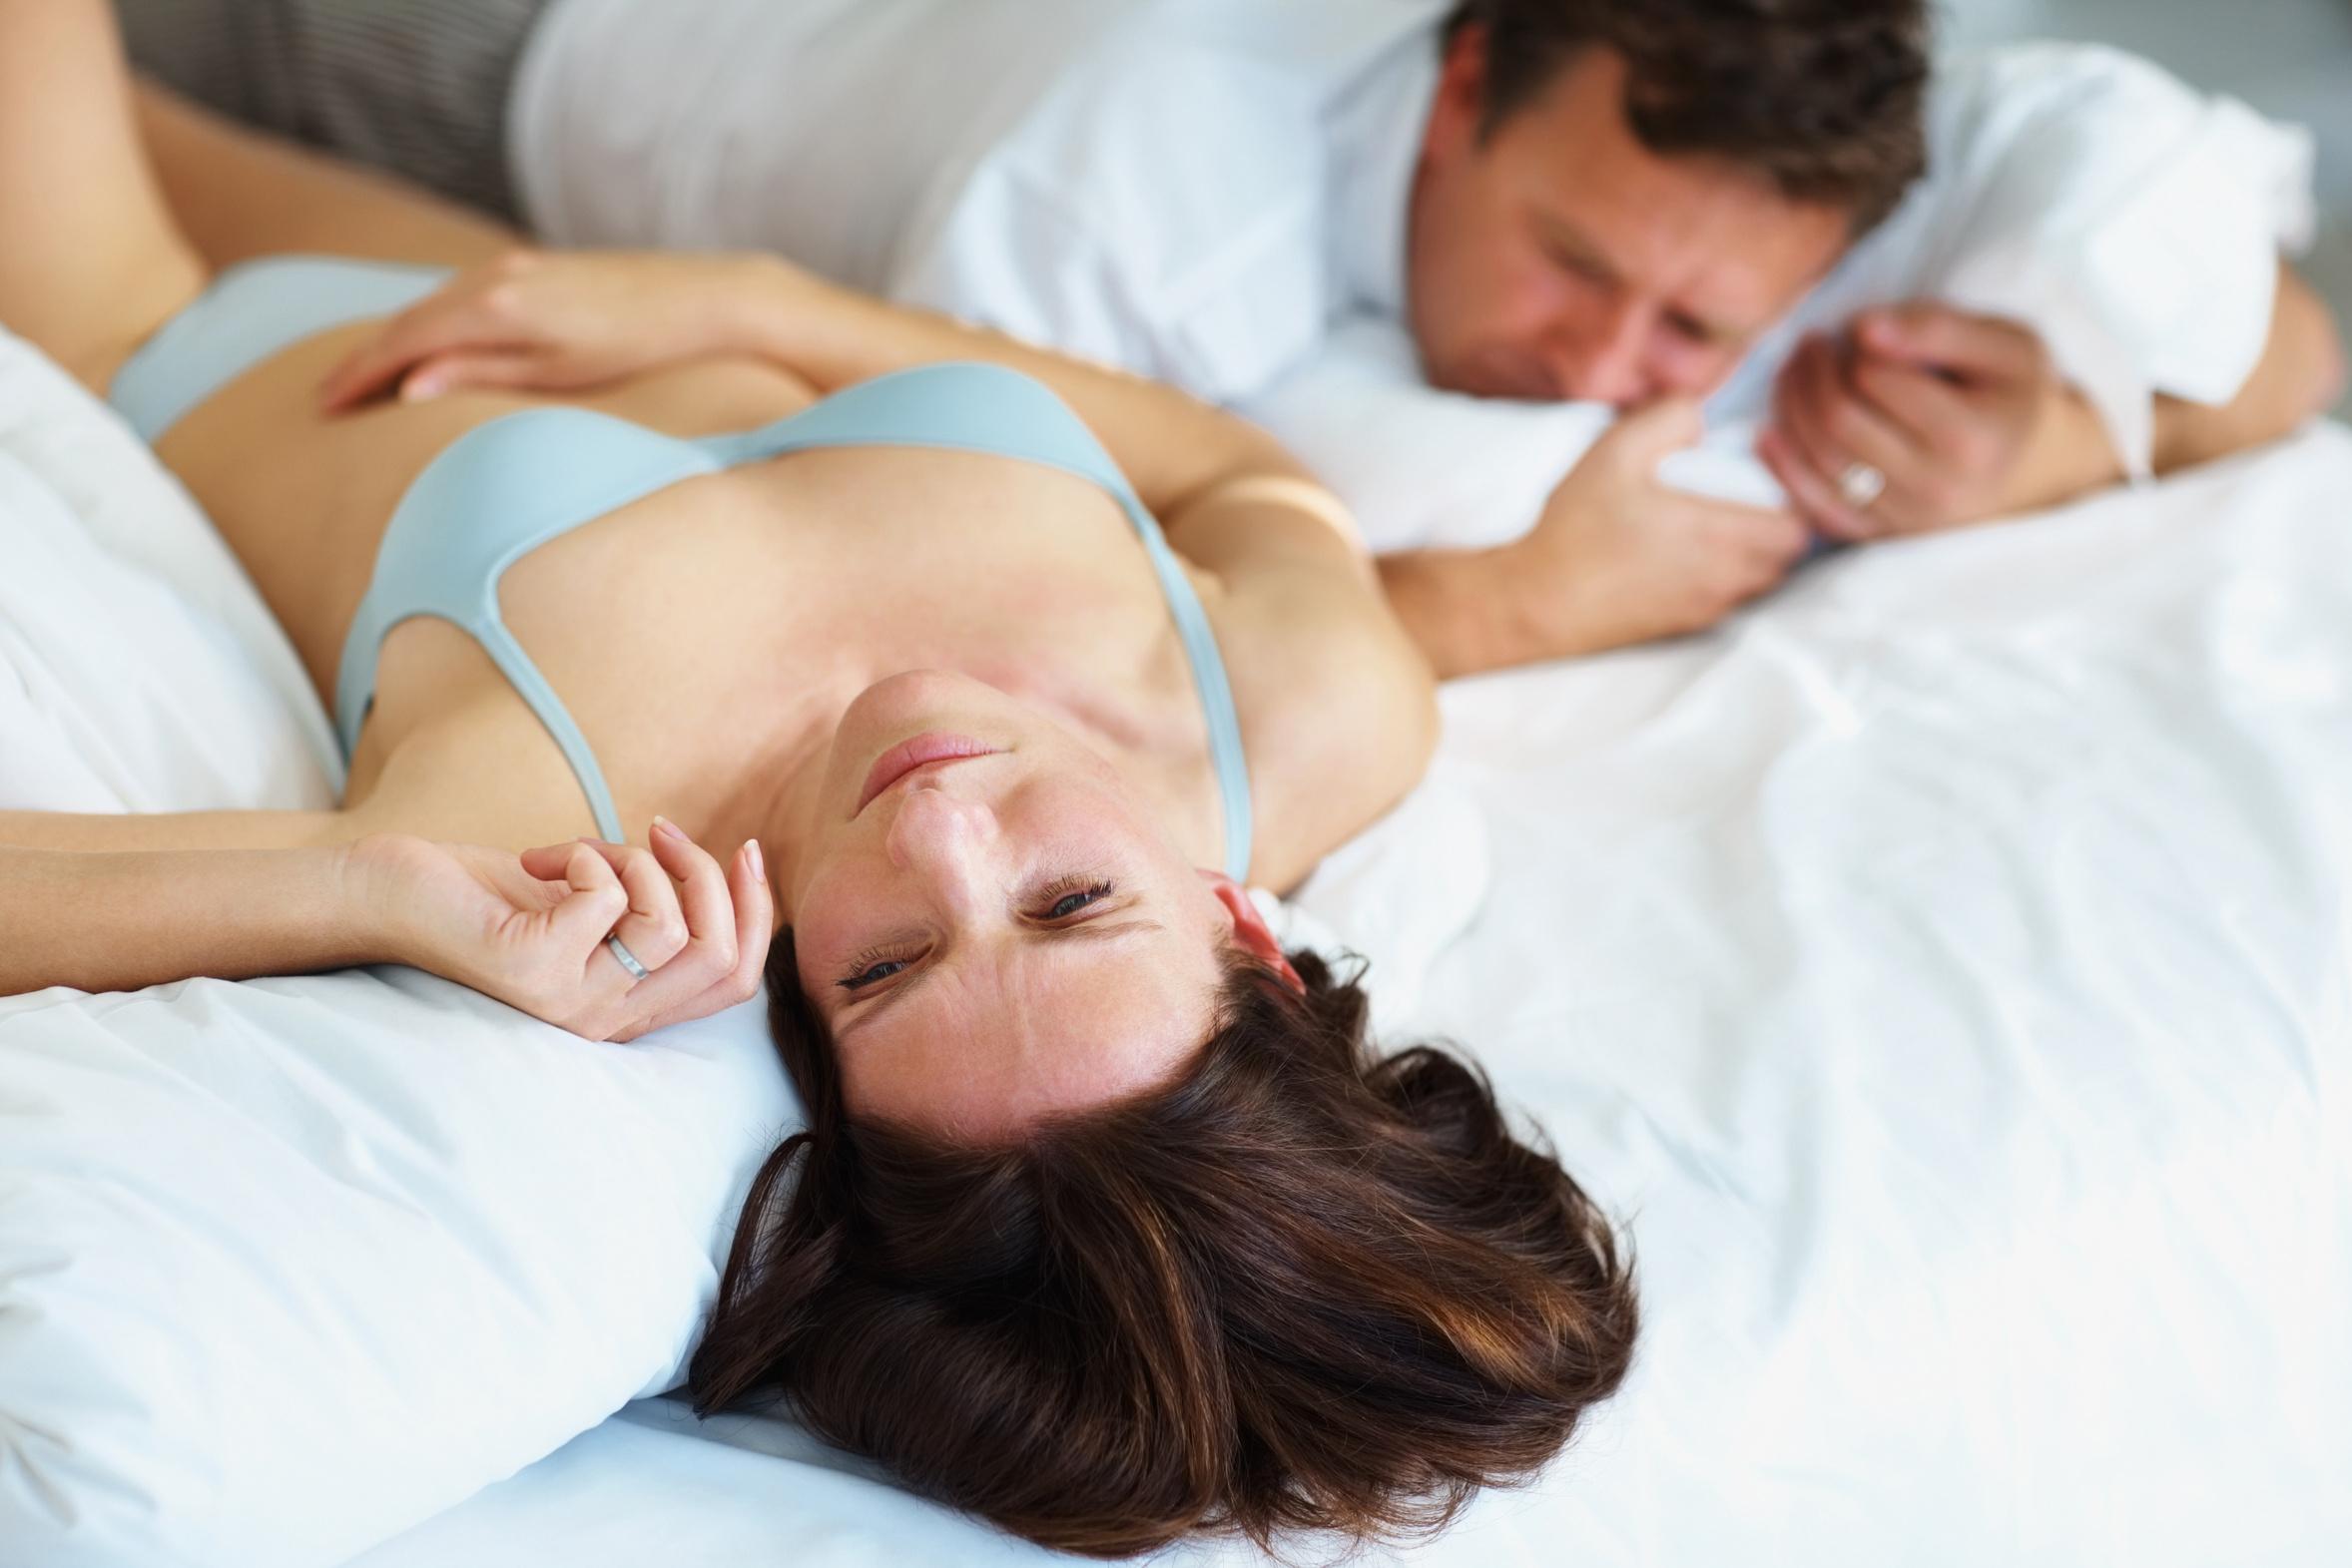 Смотреть доведение до оргазма, Оргазм порно, смотреть женские Оргазмы с судорогами 17 фотография